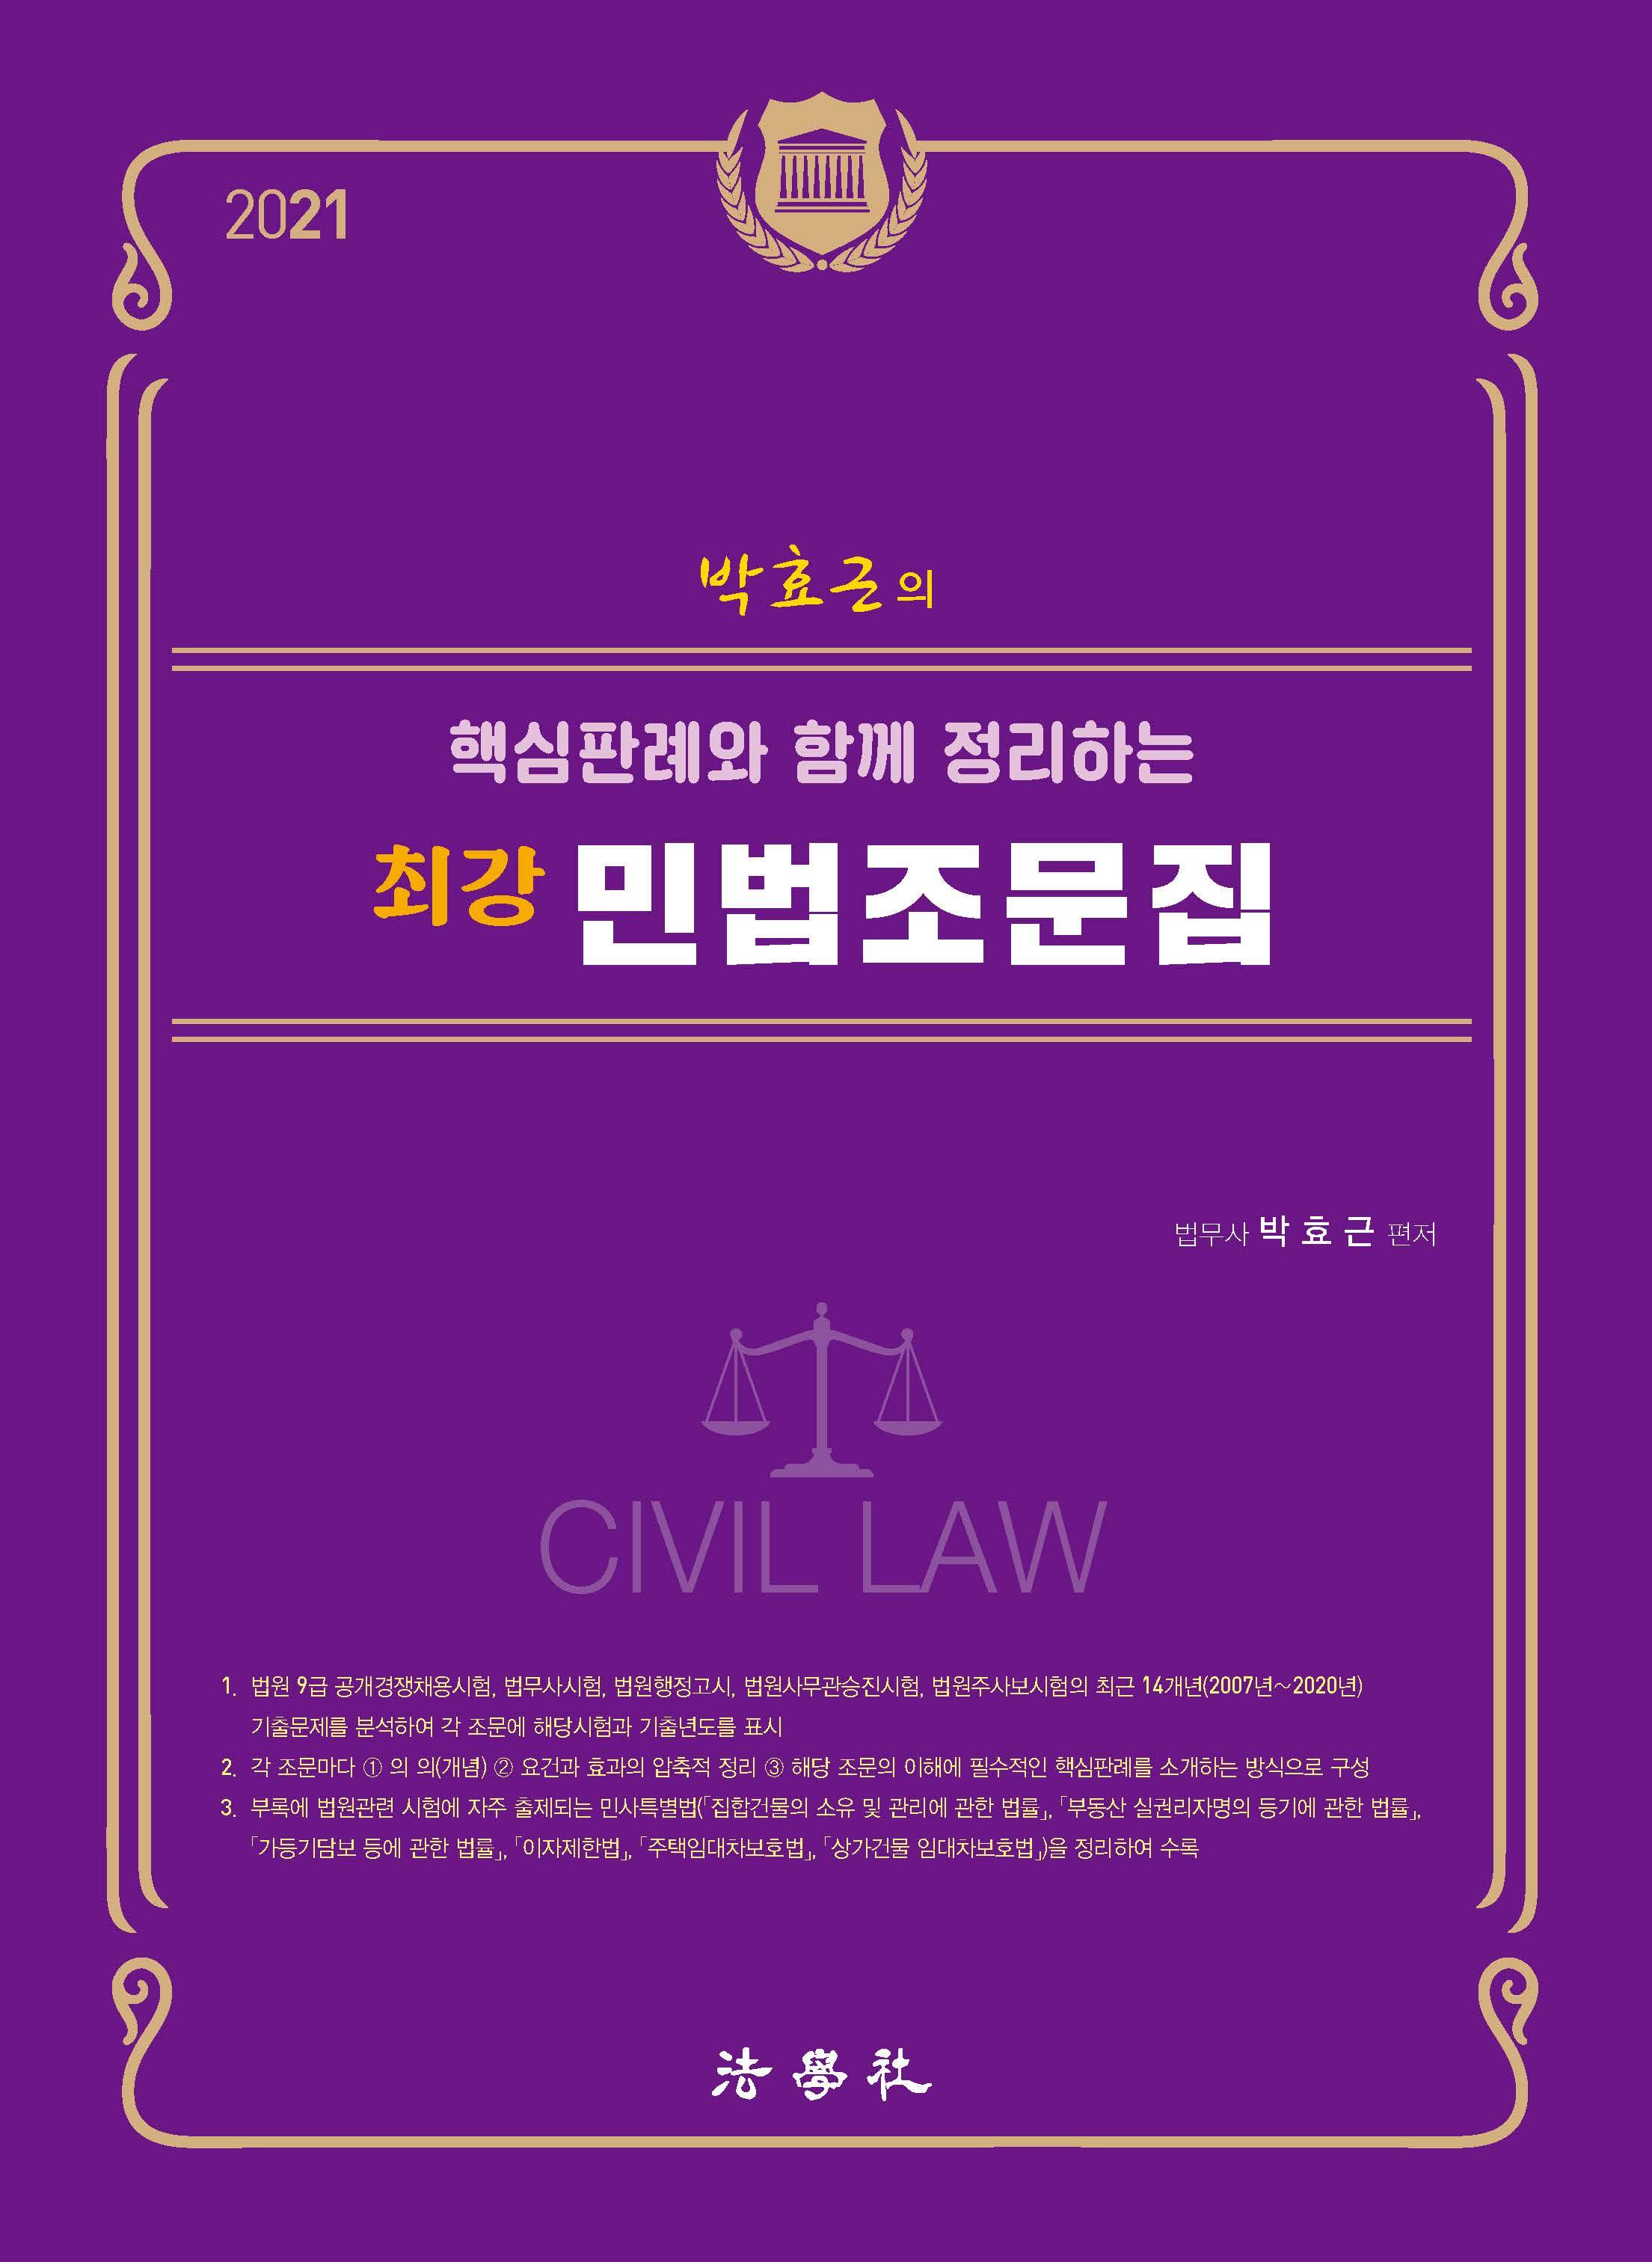 [법무사] 2021 핵심판례와 함께 정리하는 최강 민법조문집 (박효근 저)